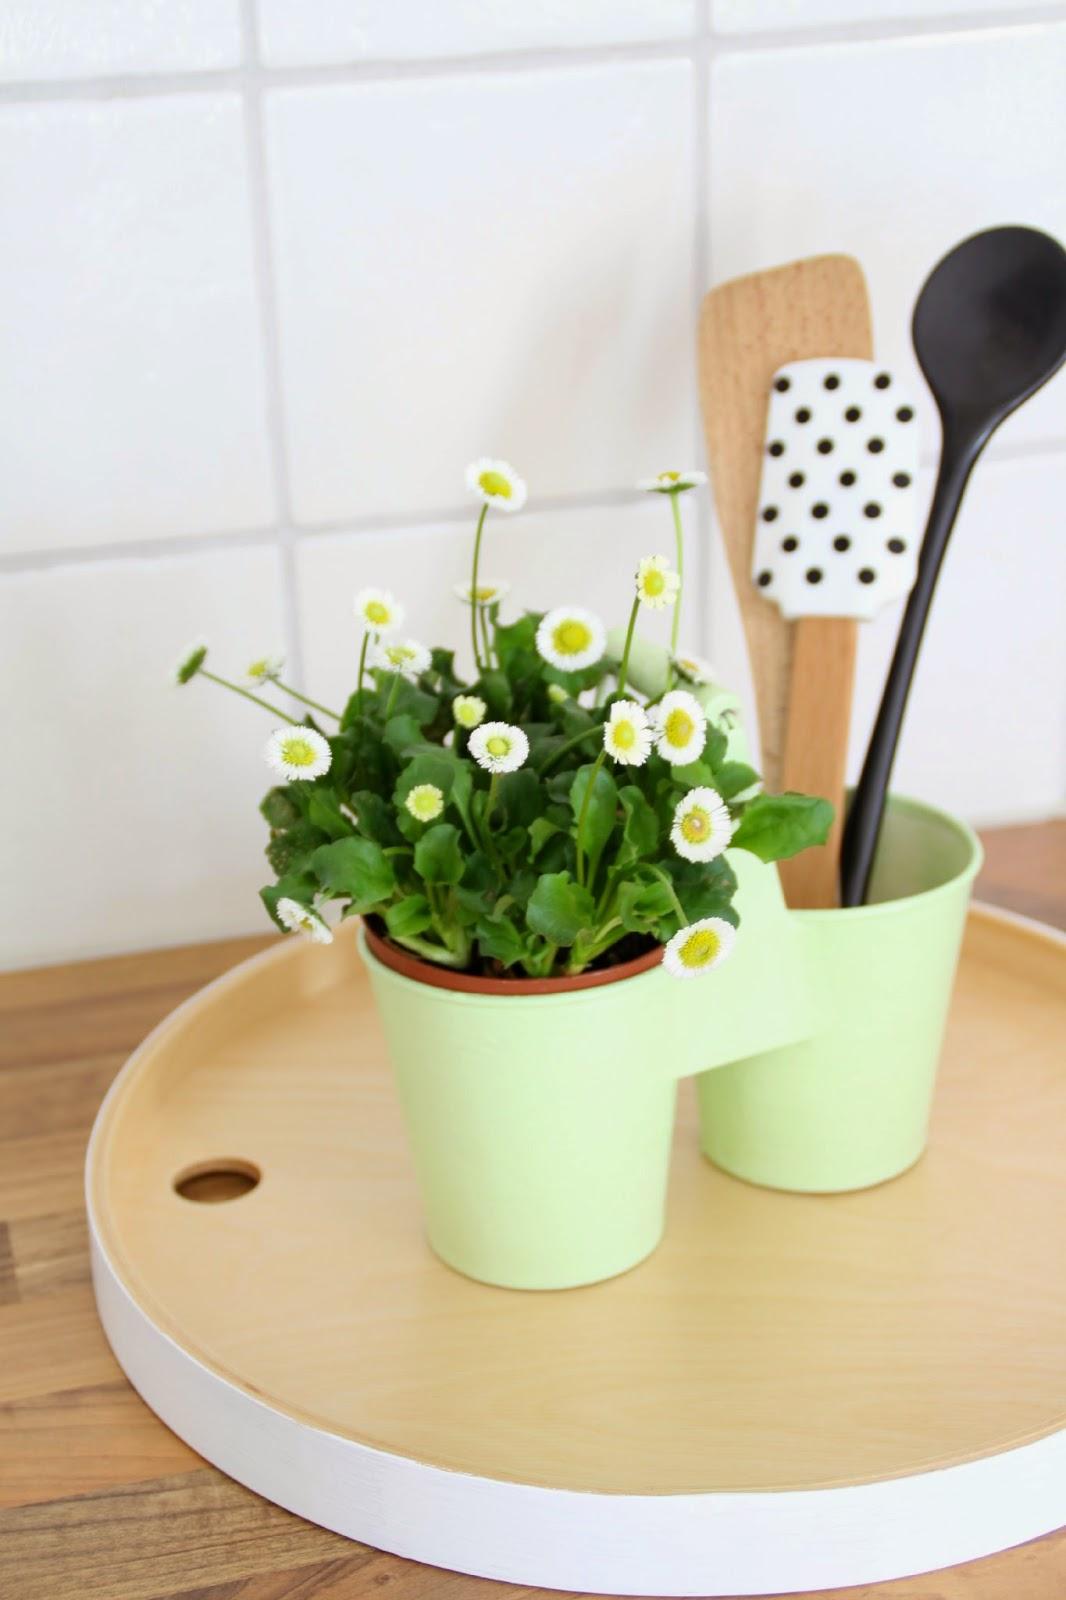 grüner Übertopf mit Gänseblümchen auf Tablett mit Küchenutensilien im Hintergrund